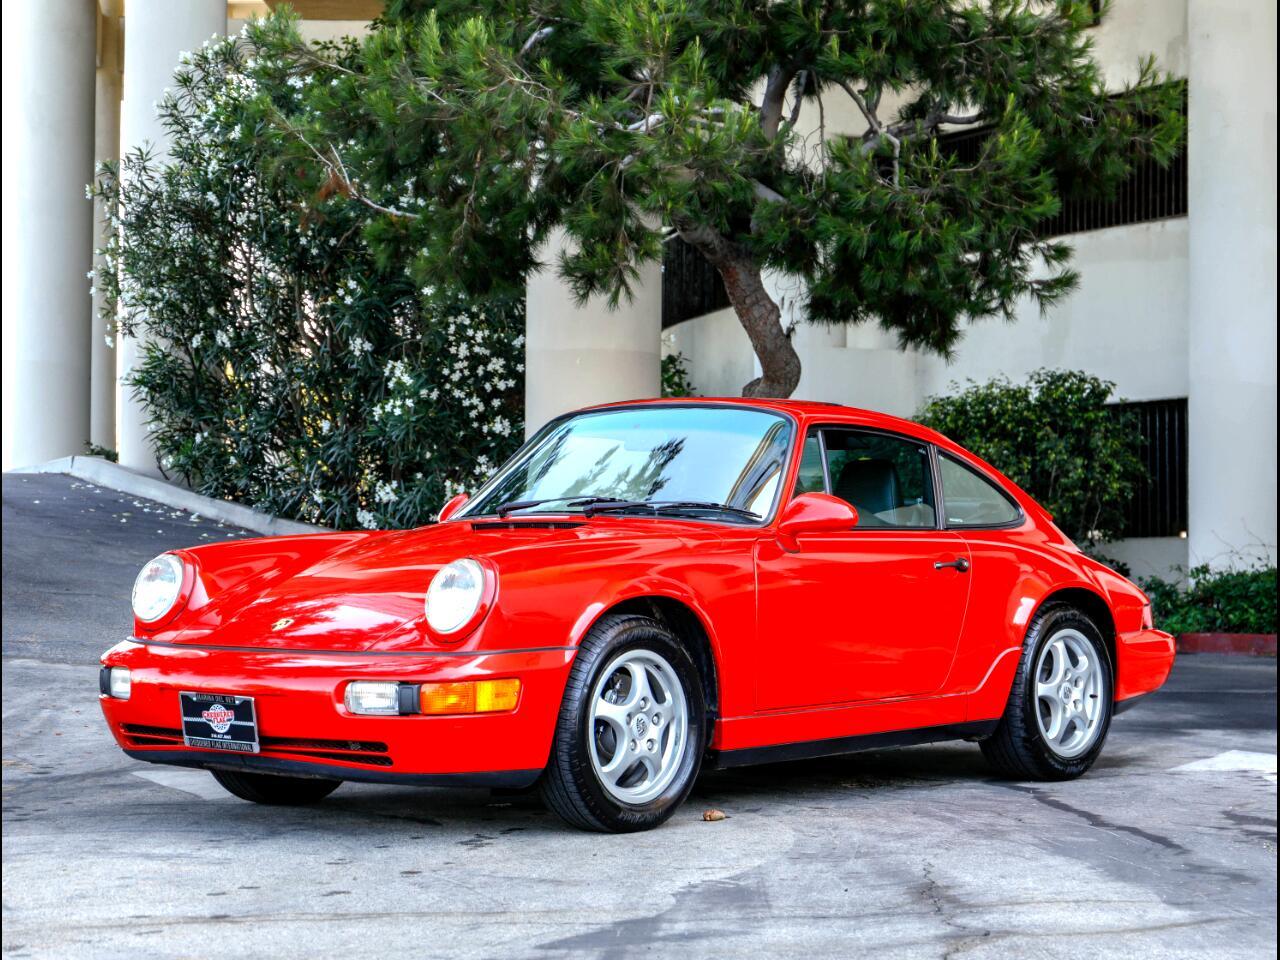 1993 Porsche 964 Series 2 C2 Tip Coupe